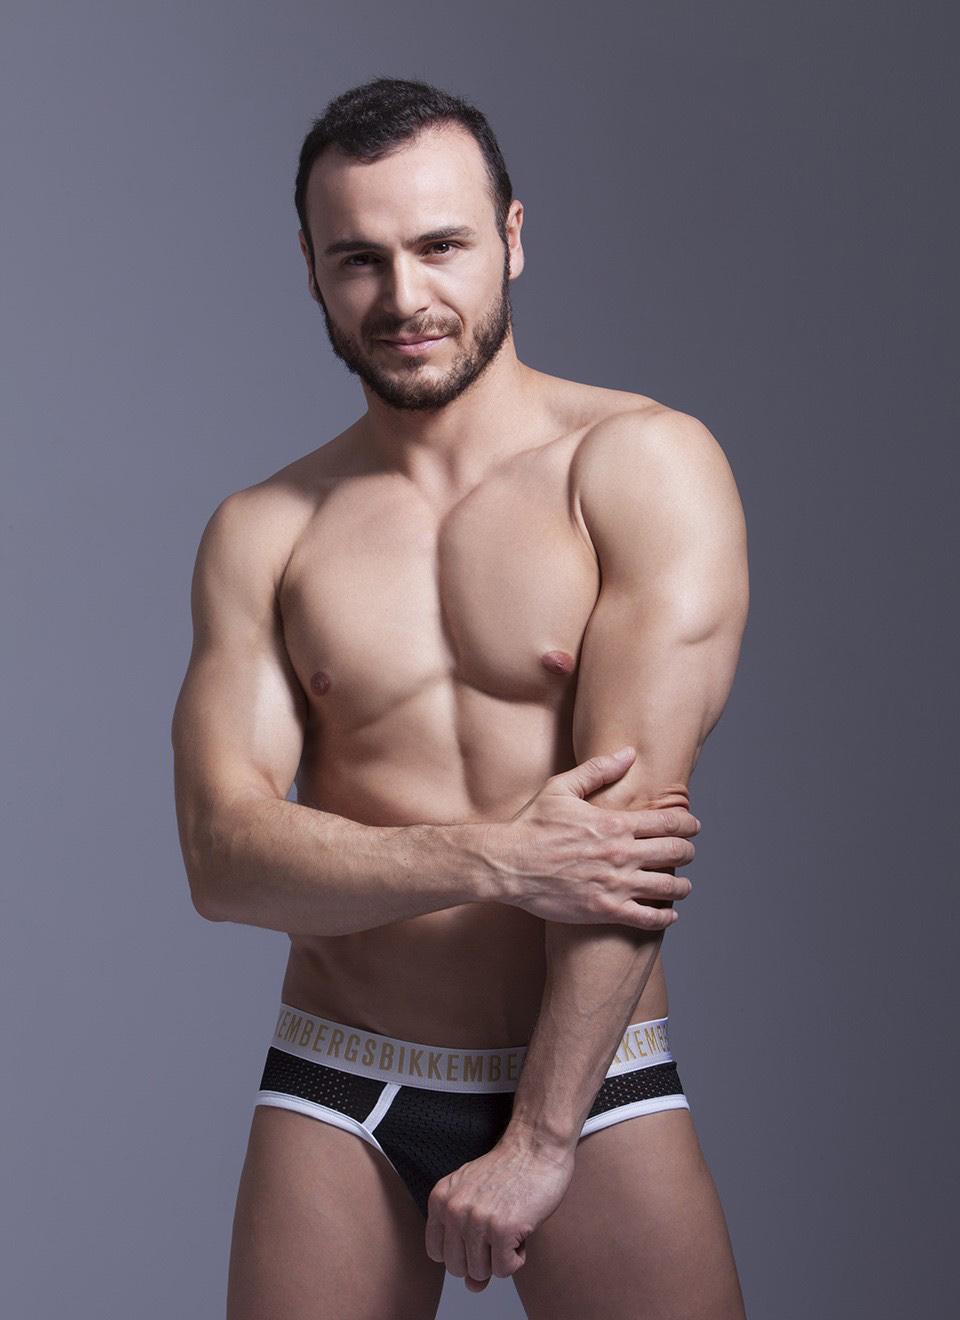 Gabriel Vanderloo picture